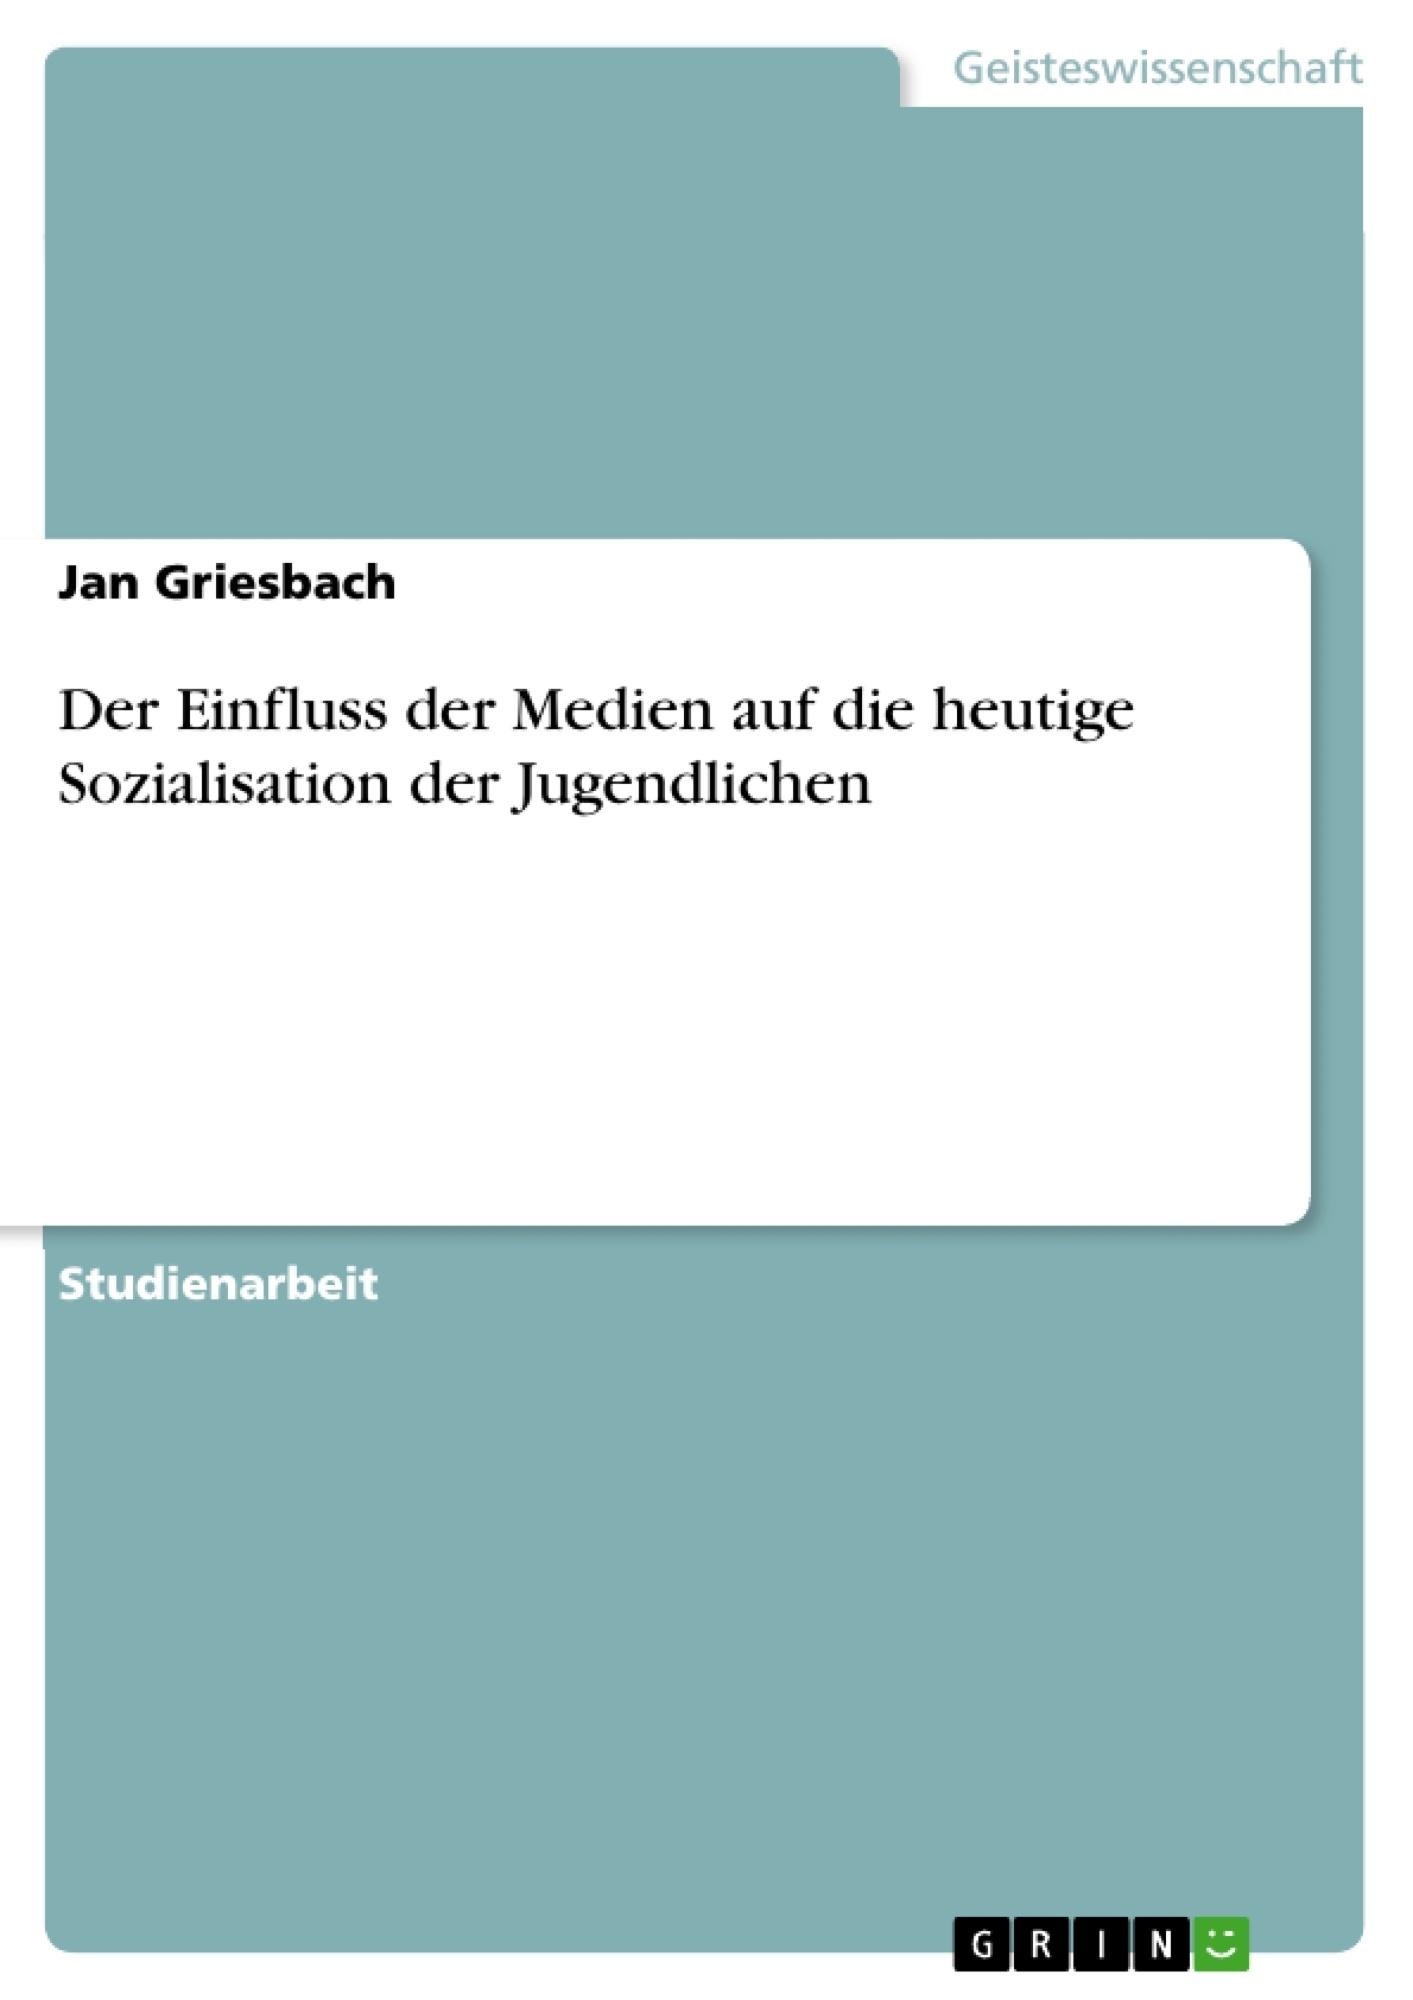 Titel: Der Einfluss der Medien auf die heutige Sozialisation der Jugendlichen